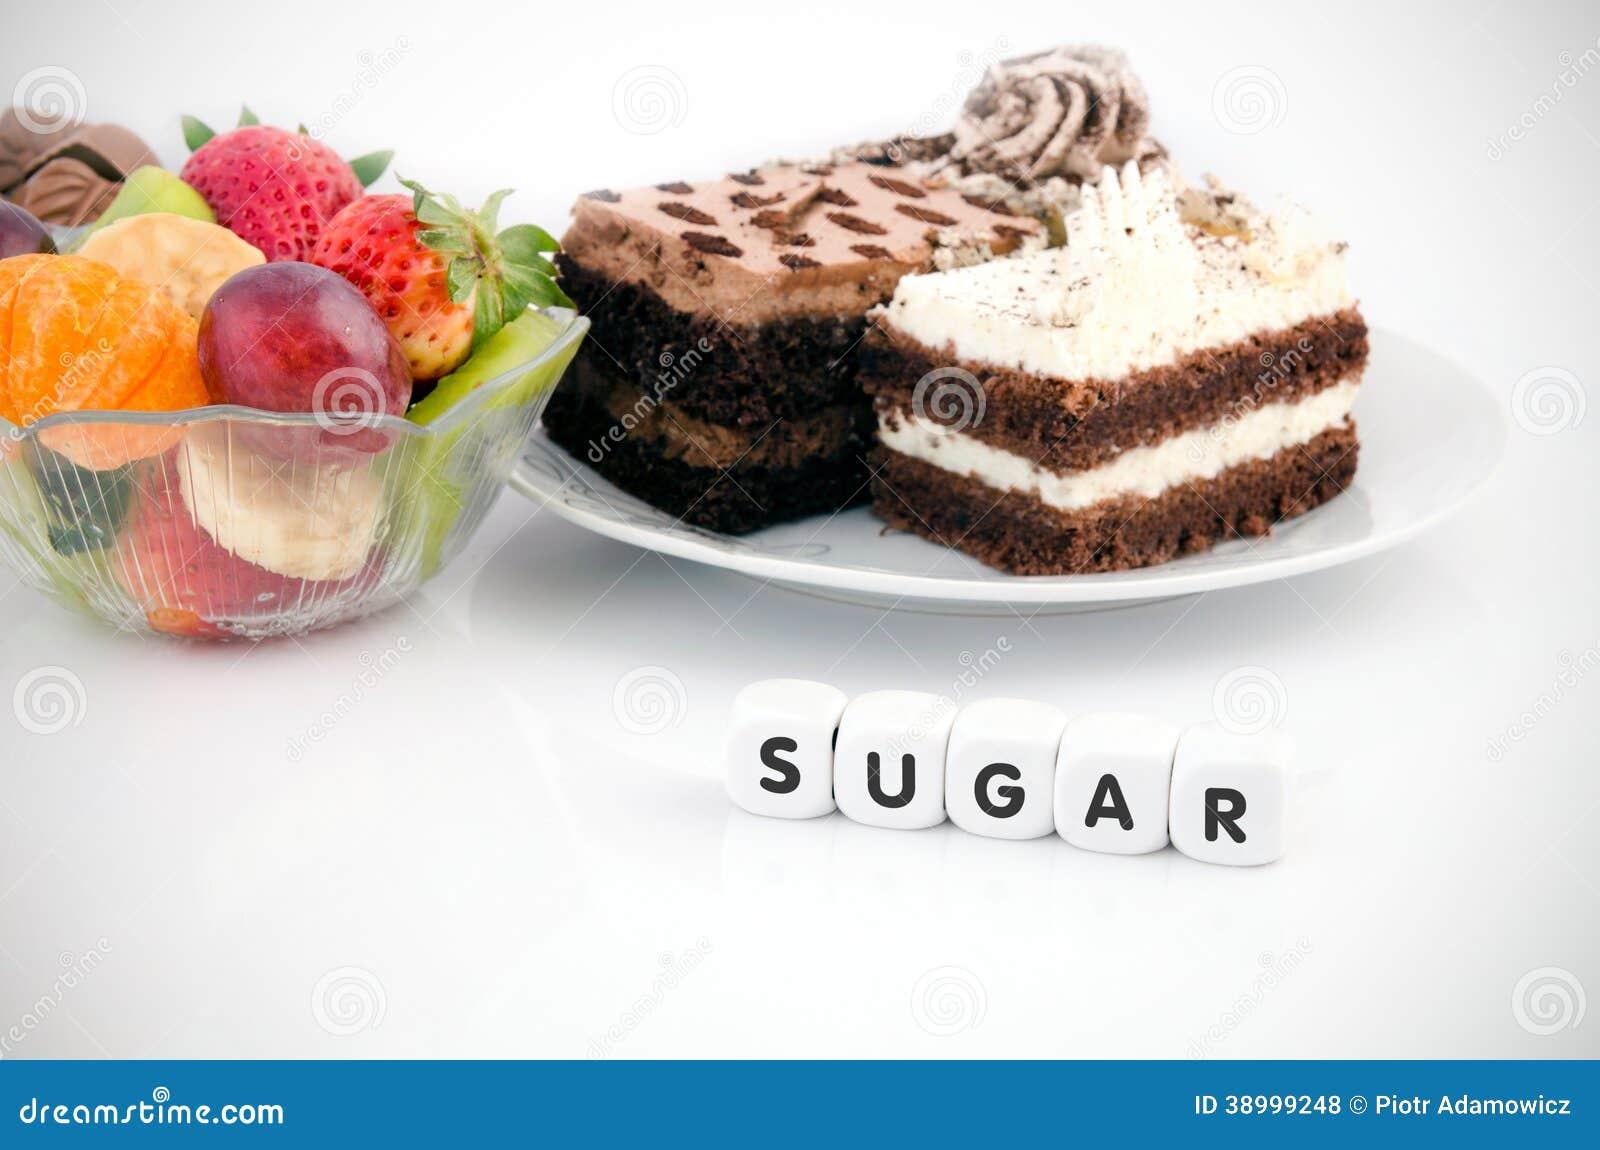 Zuckerwort würfelt an. Kuchen und Früchte im Hintergrund